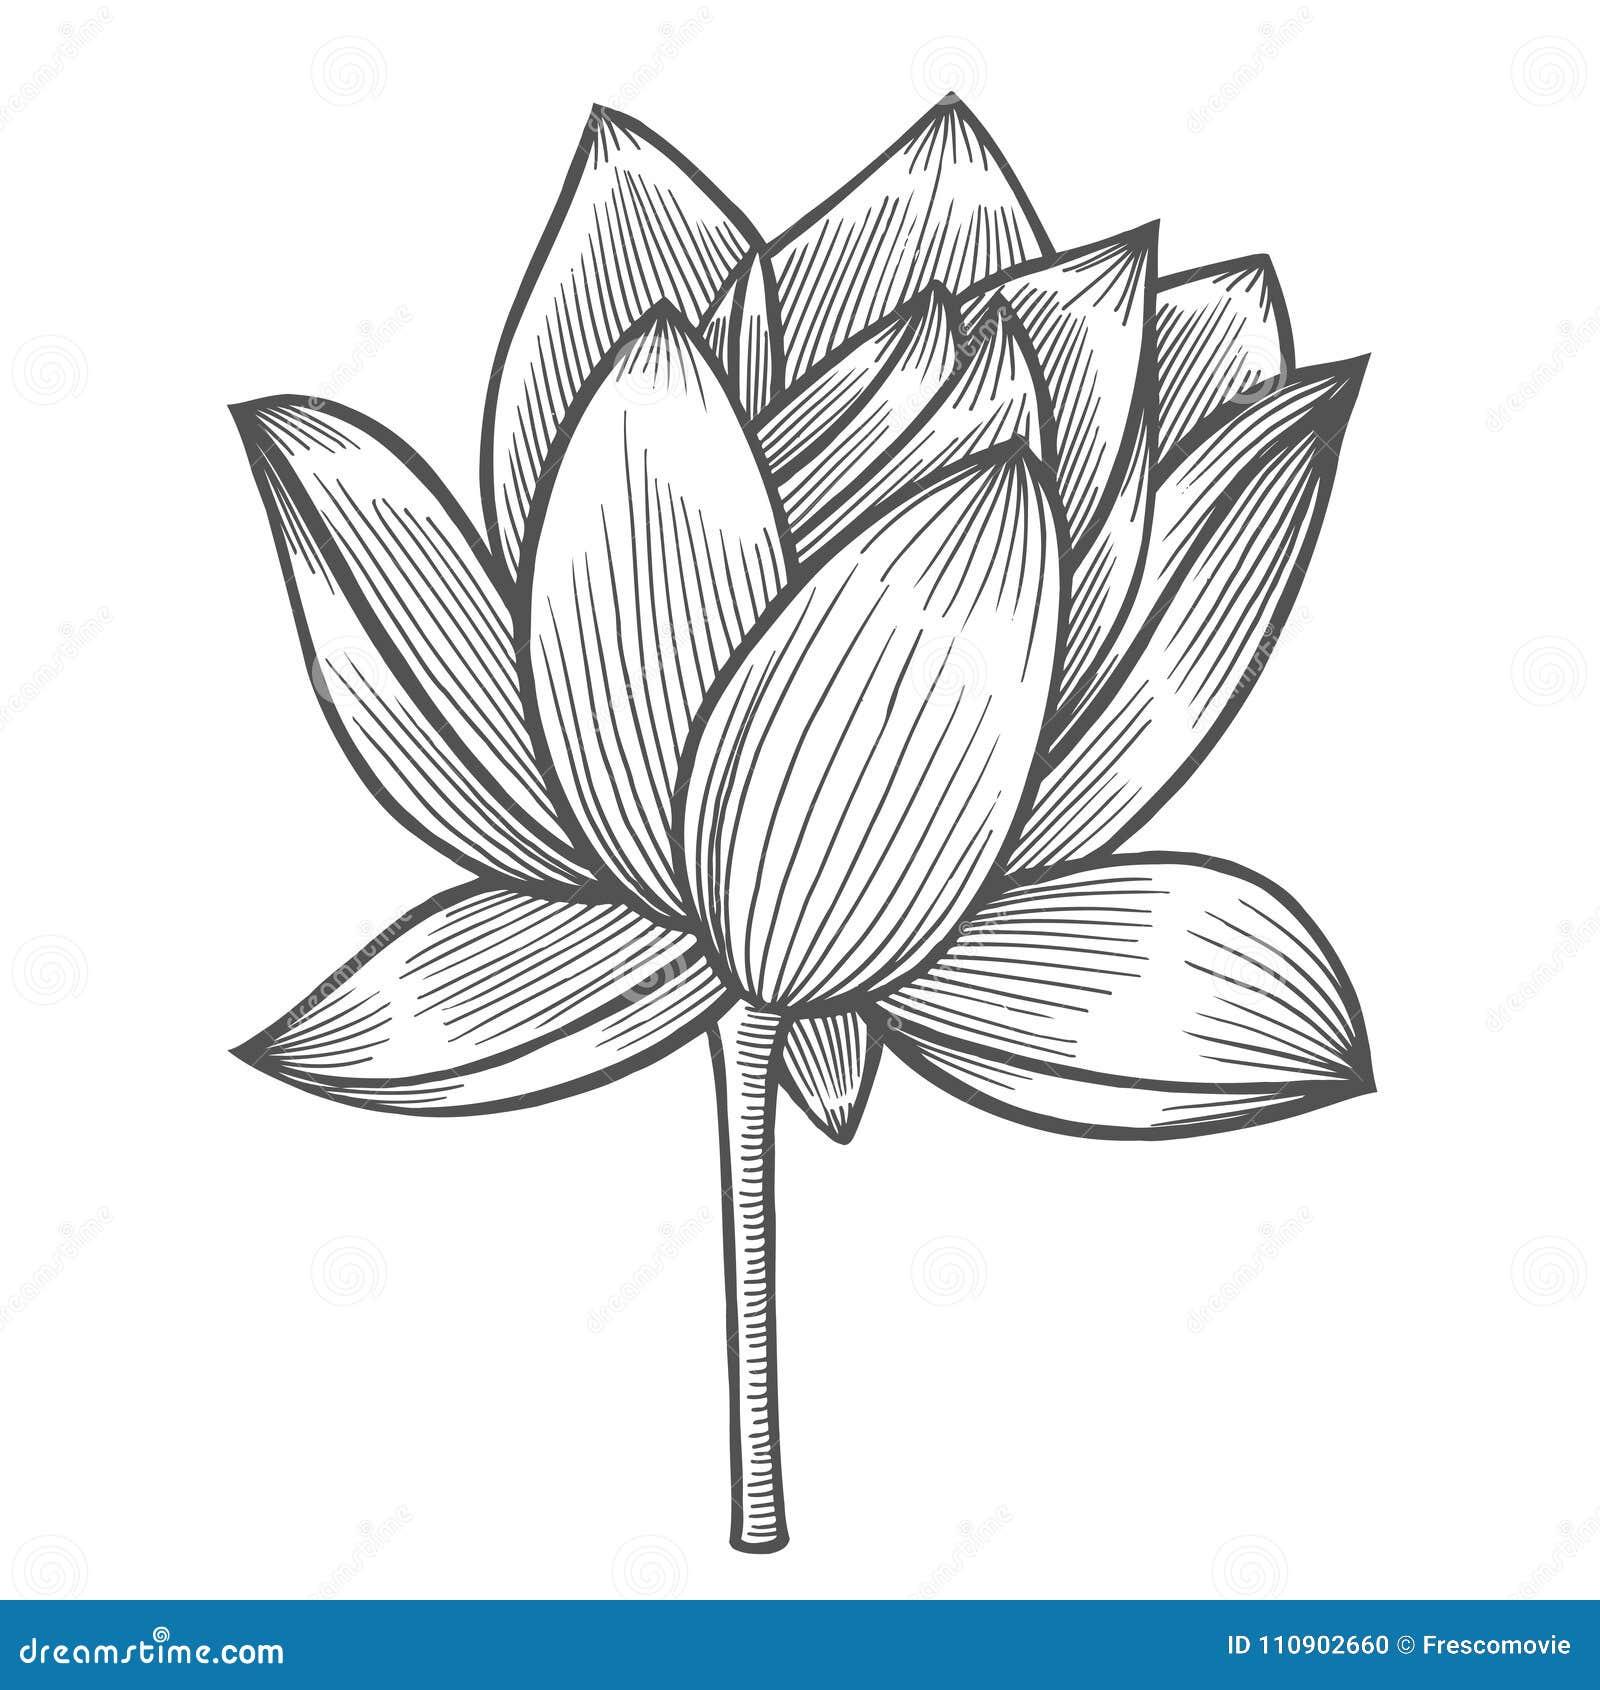 Coloriage Fleur De Nenuphar.Illustration De Fleur De Nenuphar Illustration De Vecteur